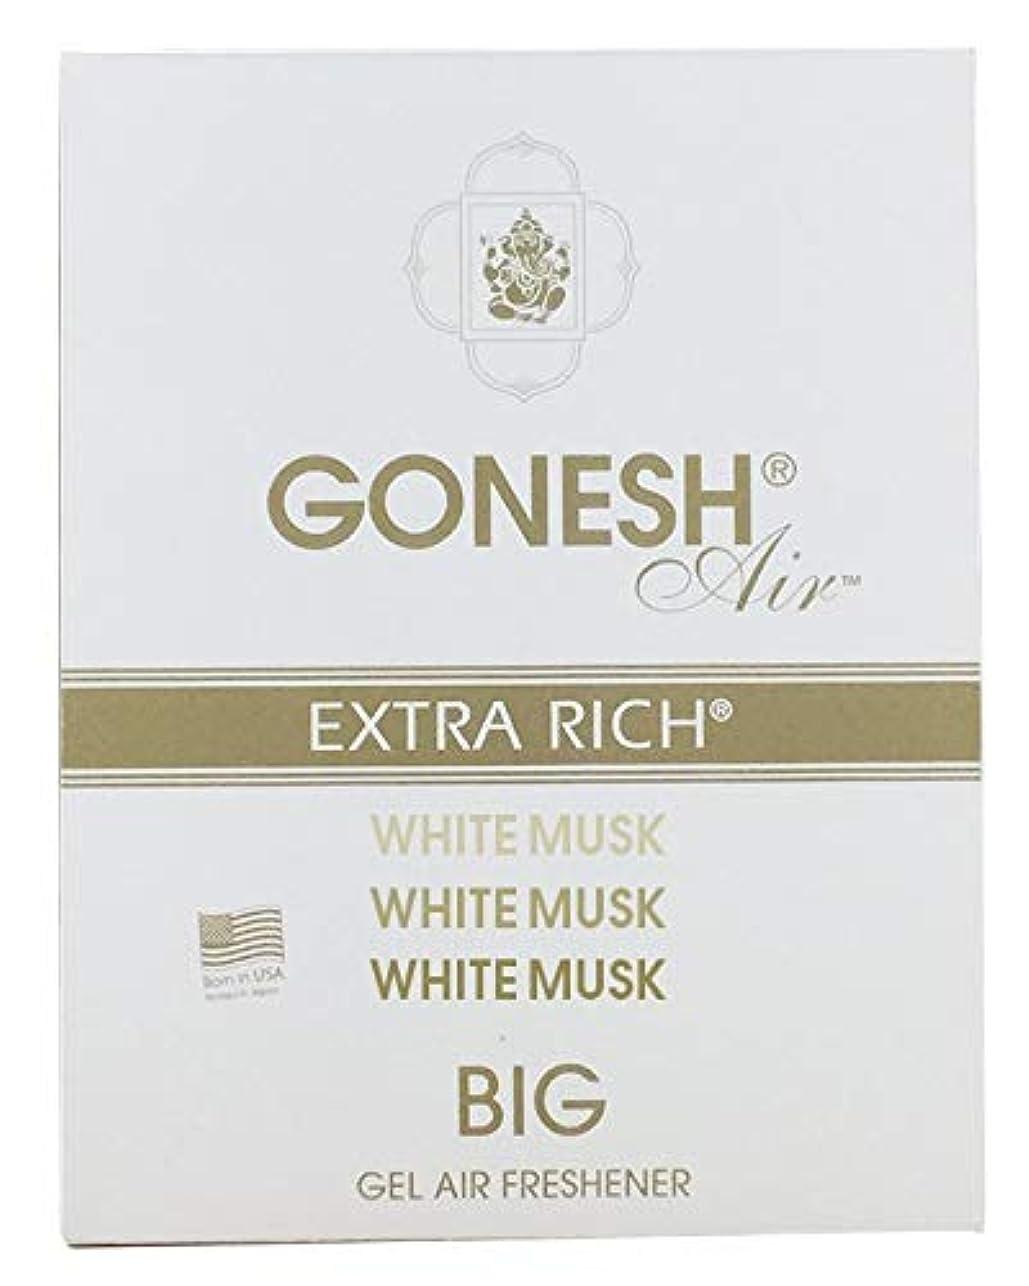 シネマ要求する何故なのGONESH ビッグゲルエアフレシュナー ホワイトムスク